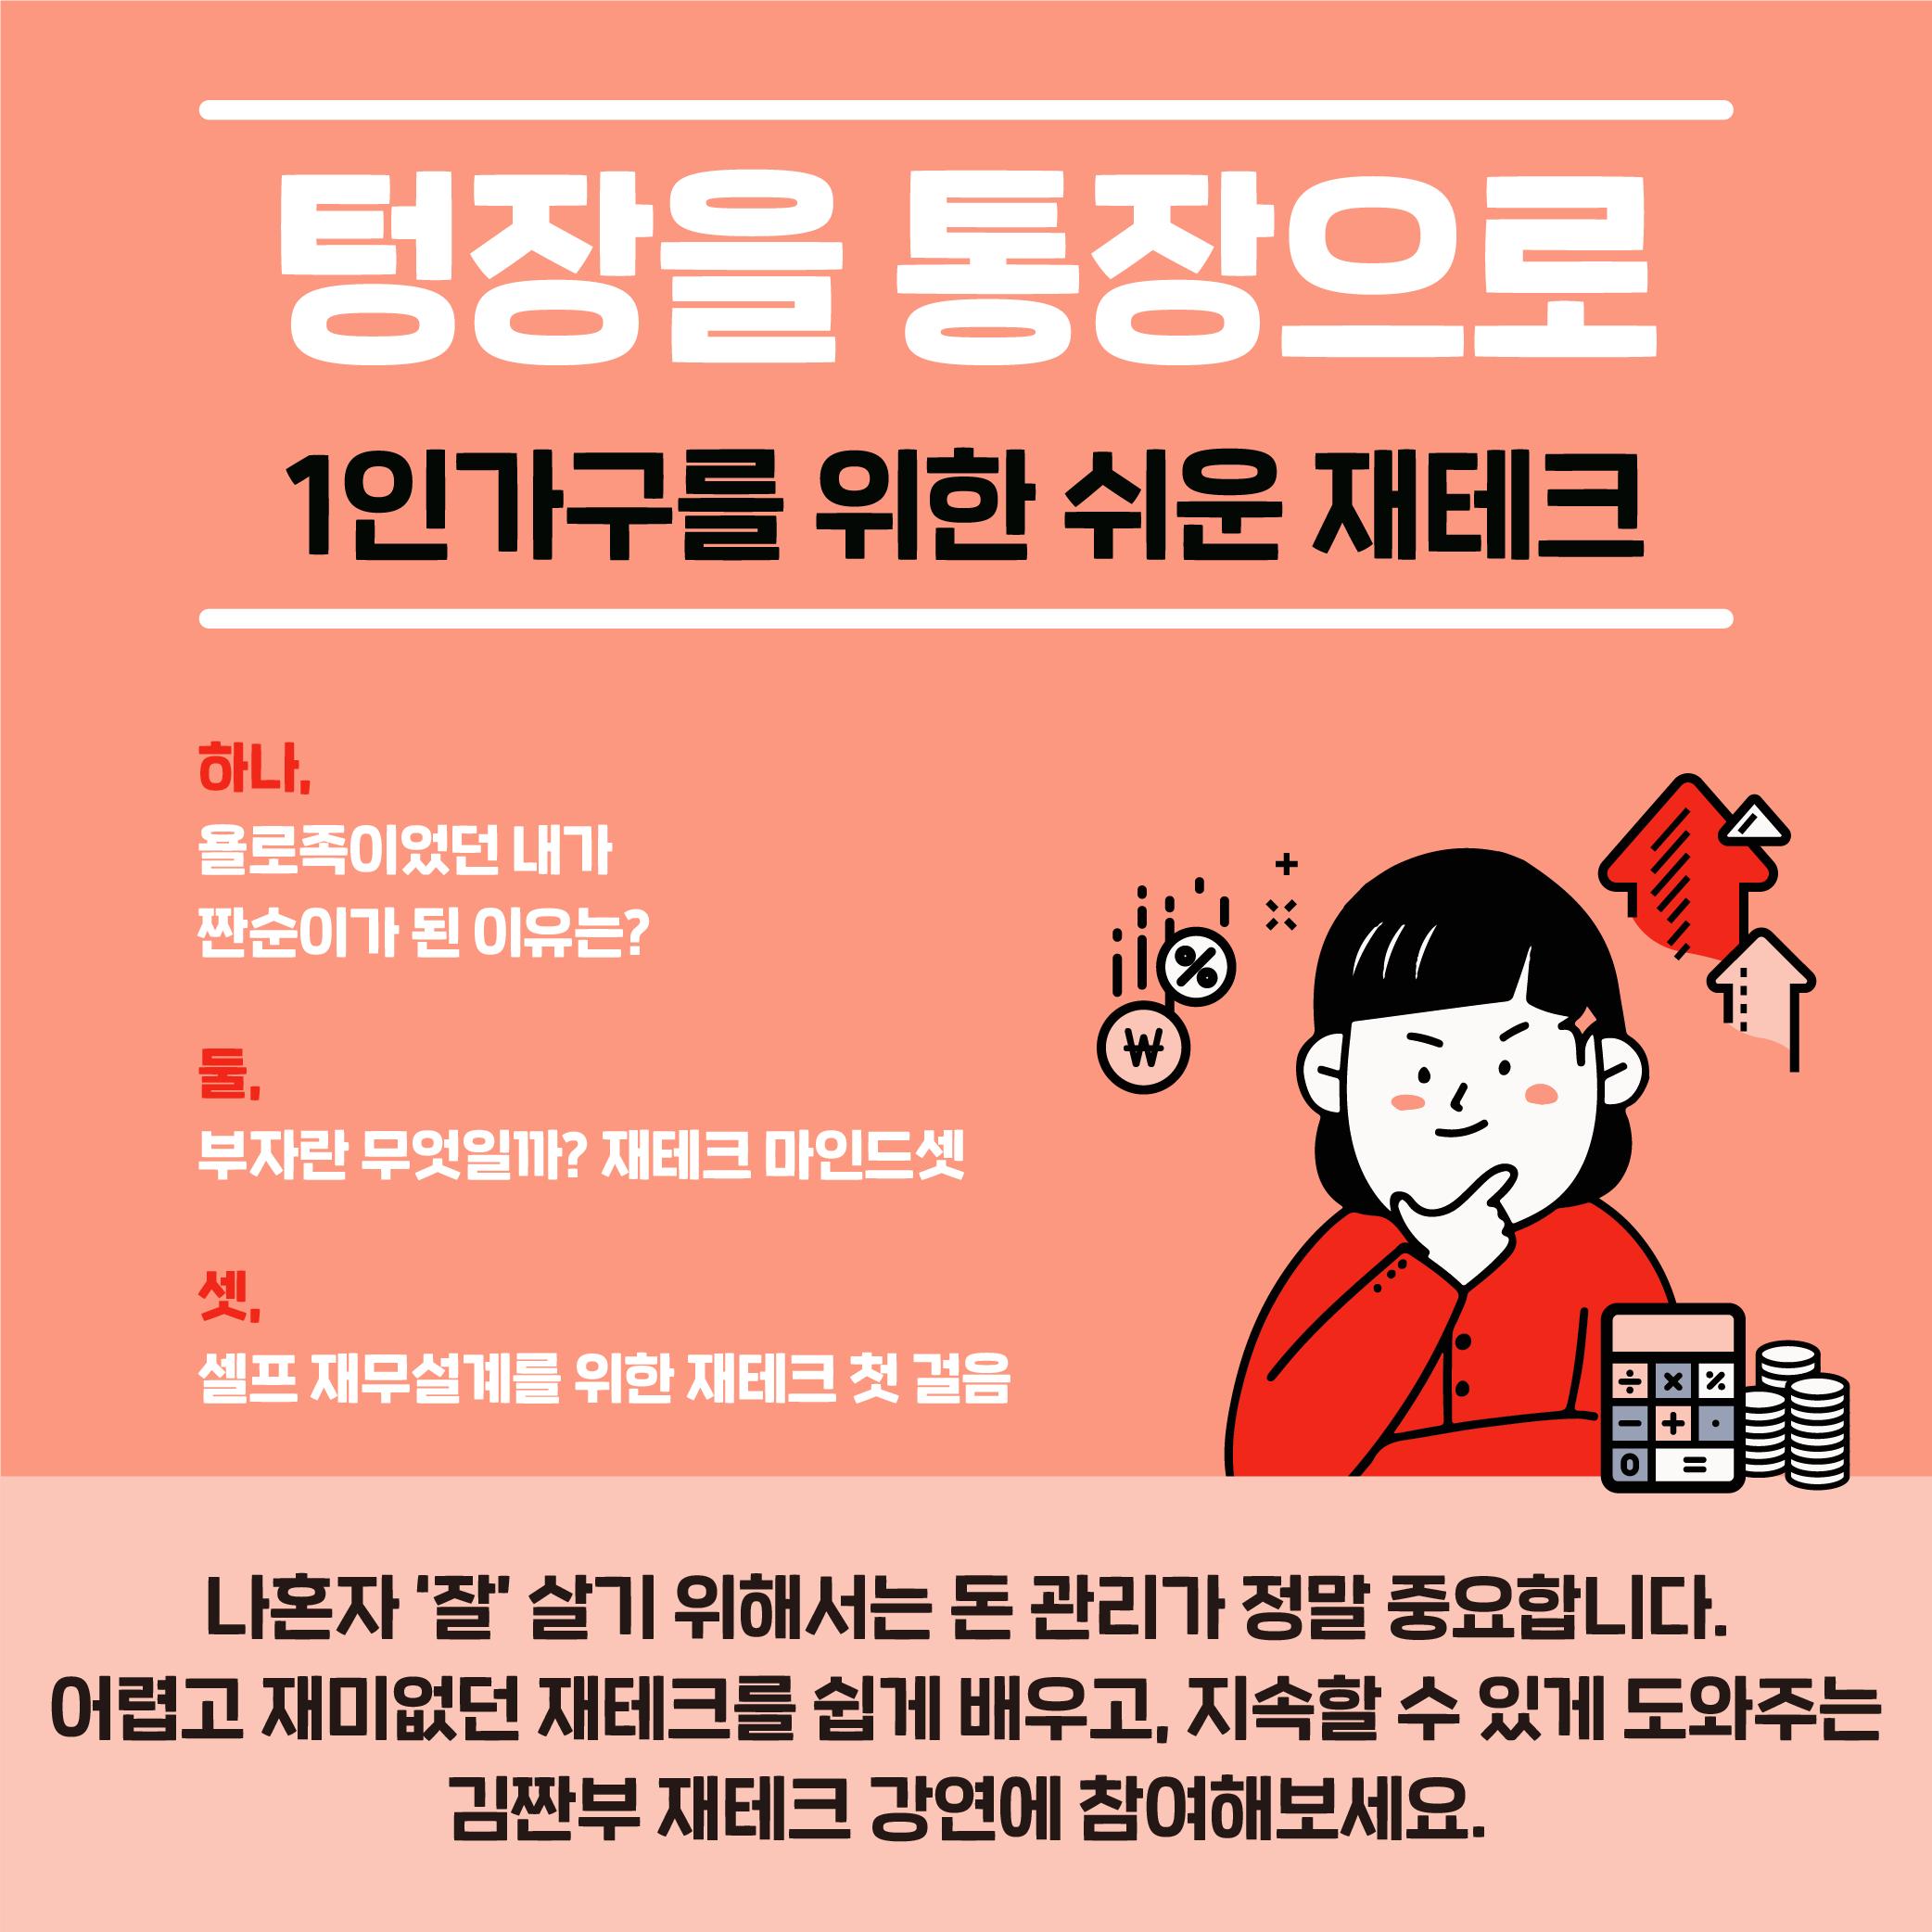 [1인가구 특화강연] 김짠부 재테크 <텅장을 통장으로_1인가구를 위한 쉬운 재테크> 후기